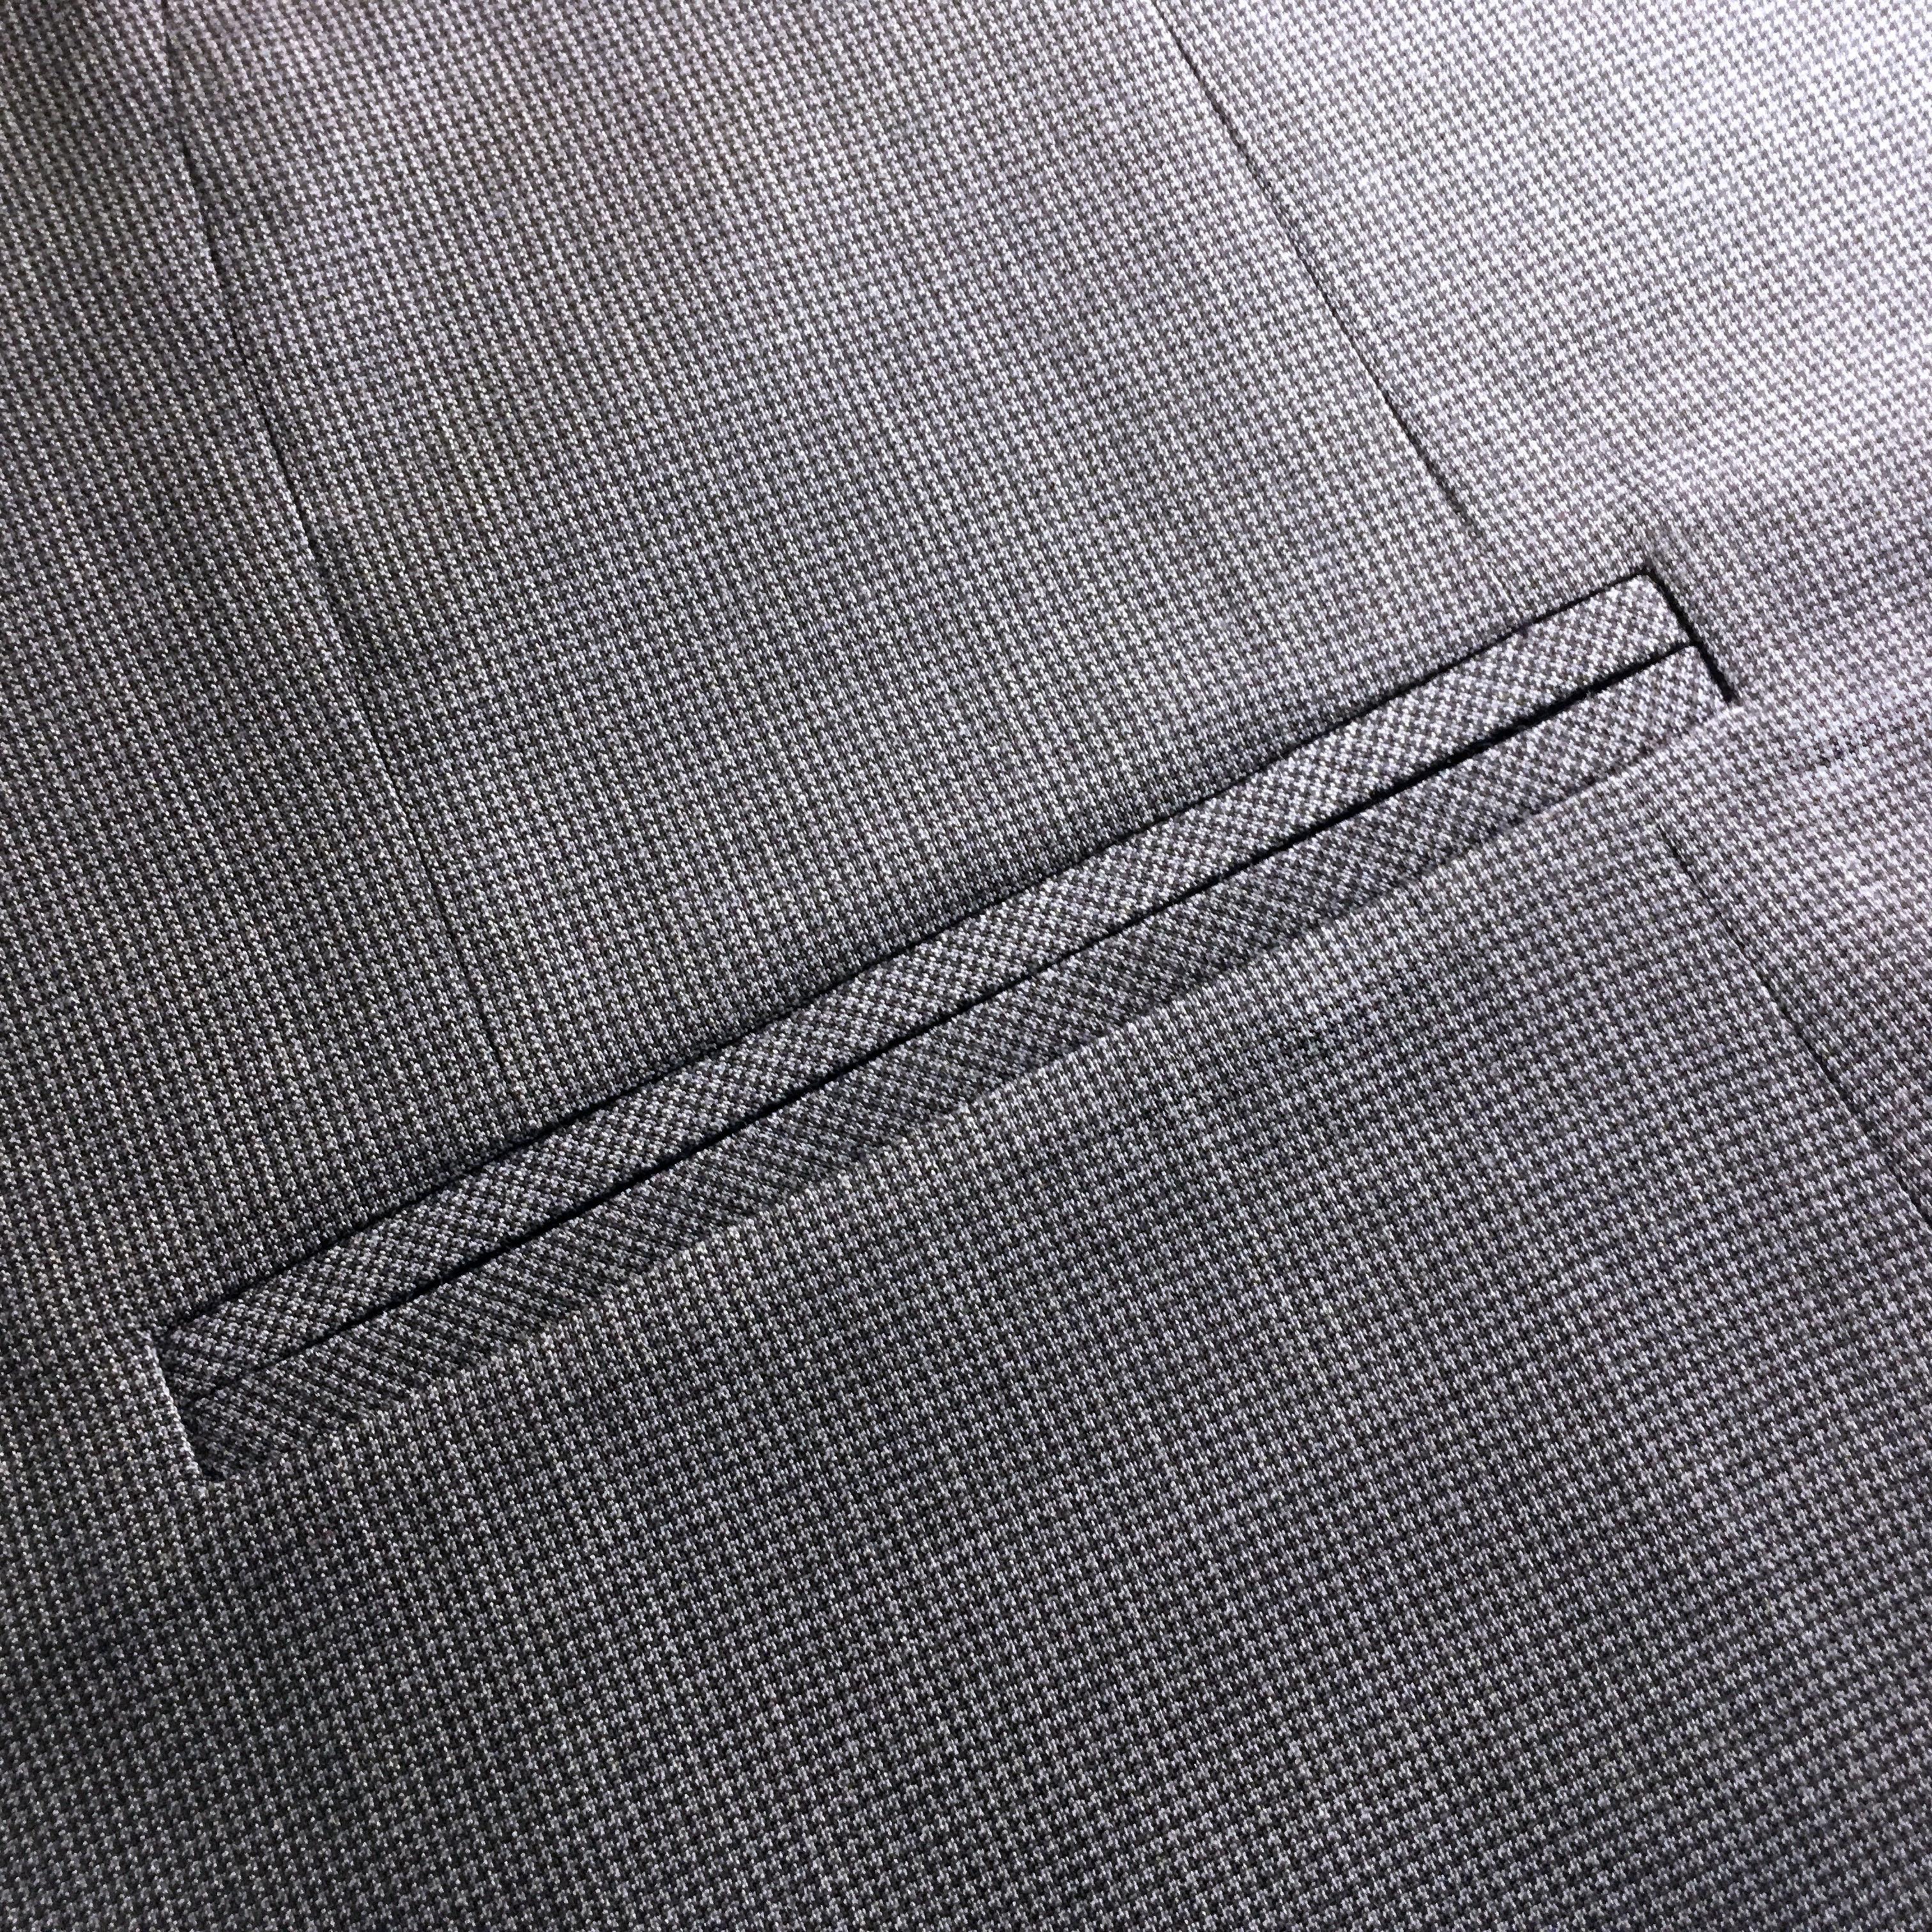 Прорезной карман в рамку фото инструкция пошагово